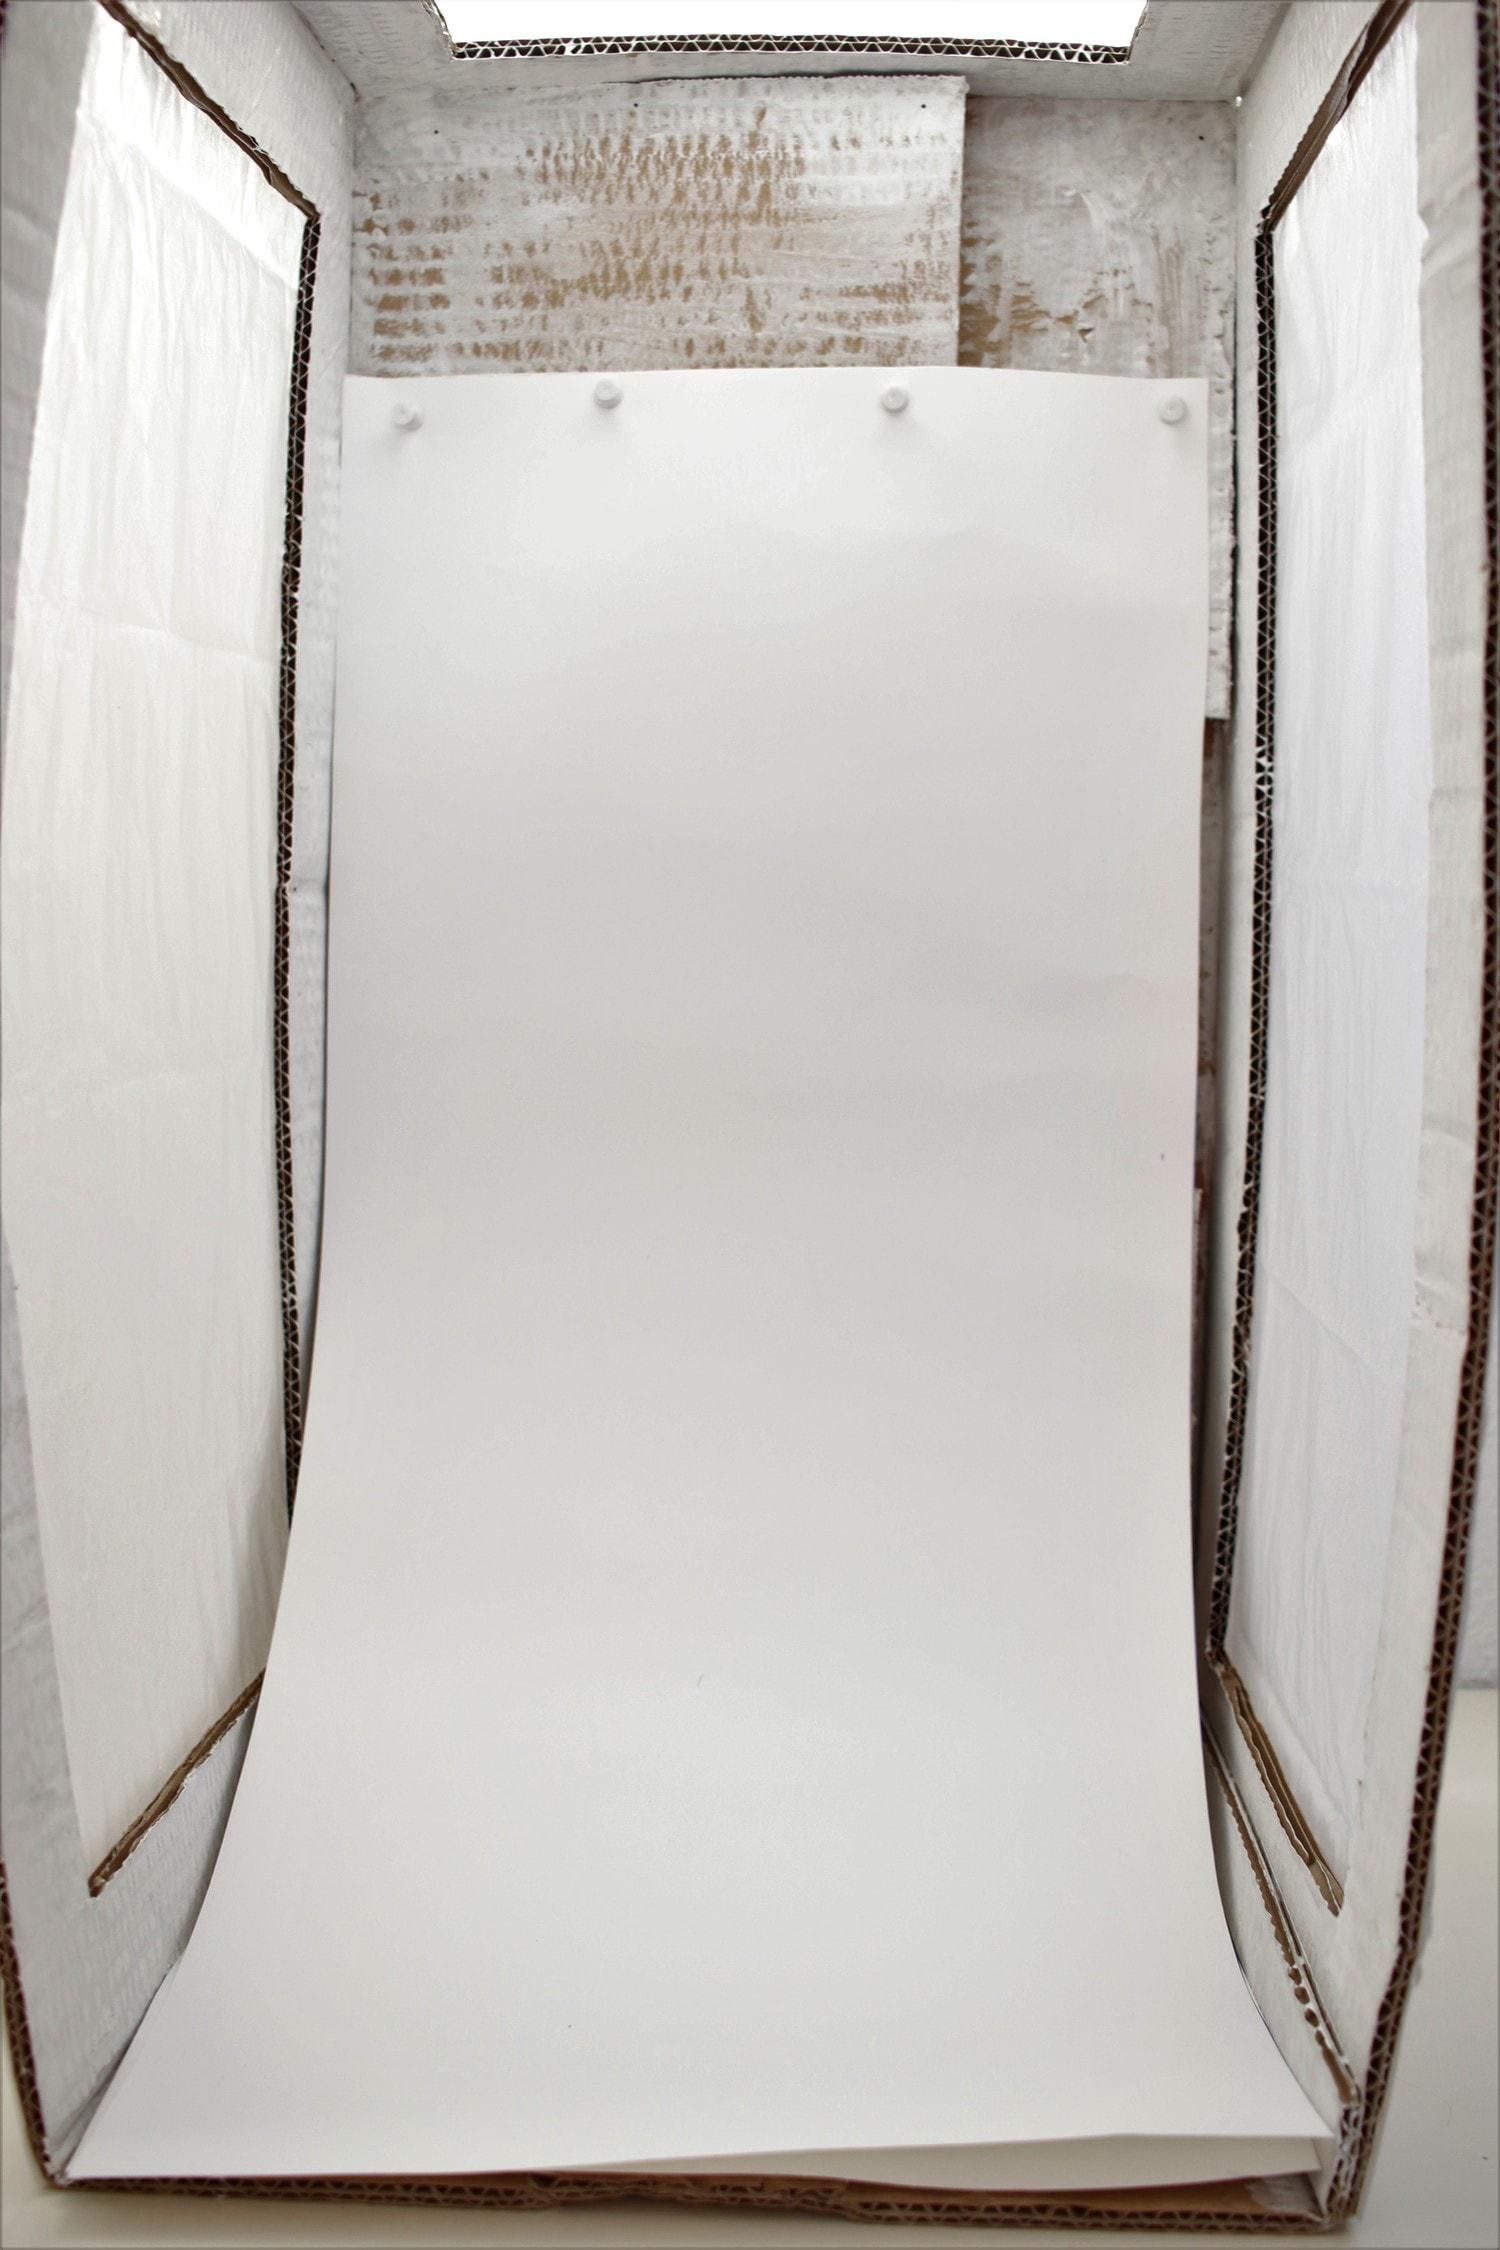 Fotografía frontal de caja de luz